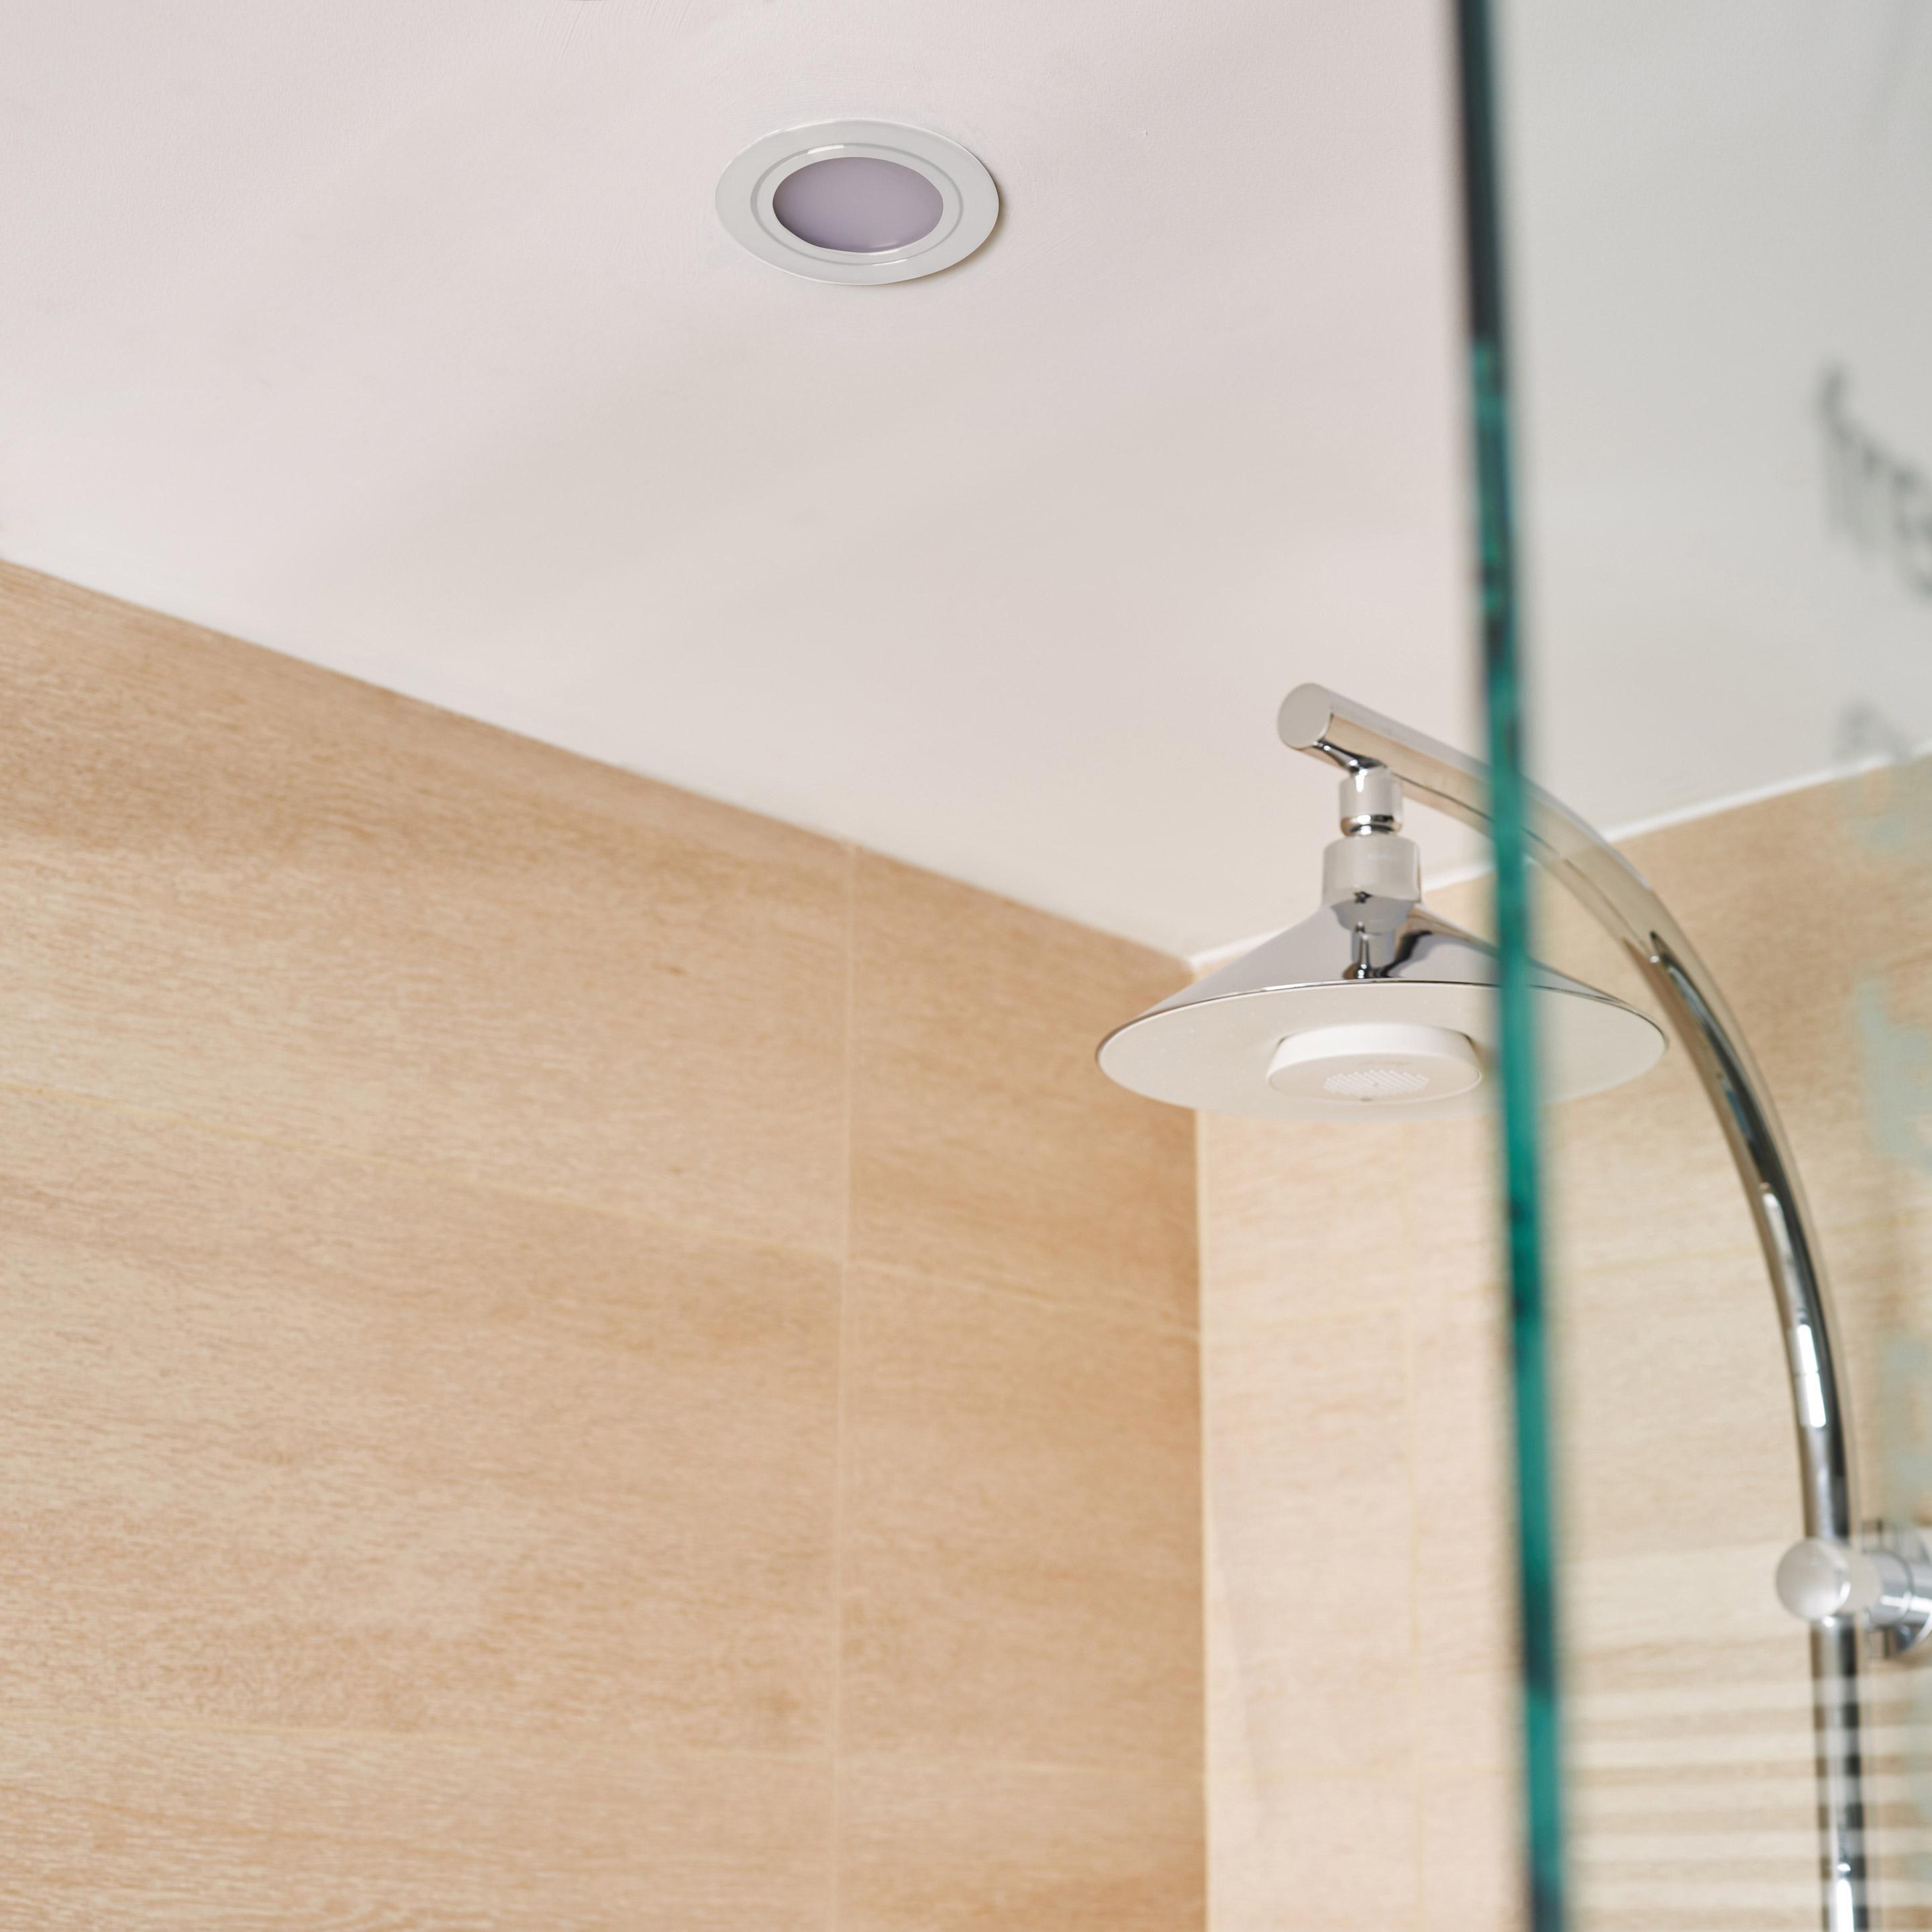 Kit 1 Spot A Encastrer Salle De Bains Orientable Inspire Led Integree Blanc Salle De Bain Led Et Spots